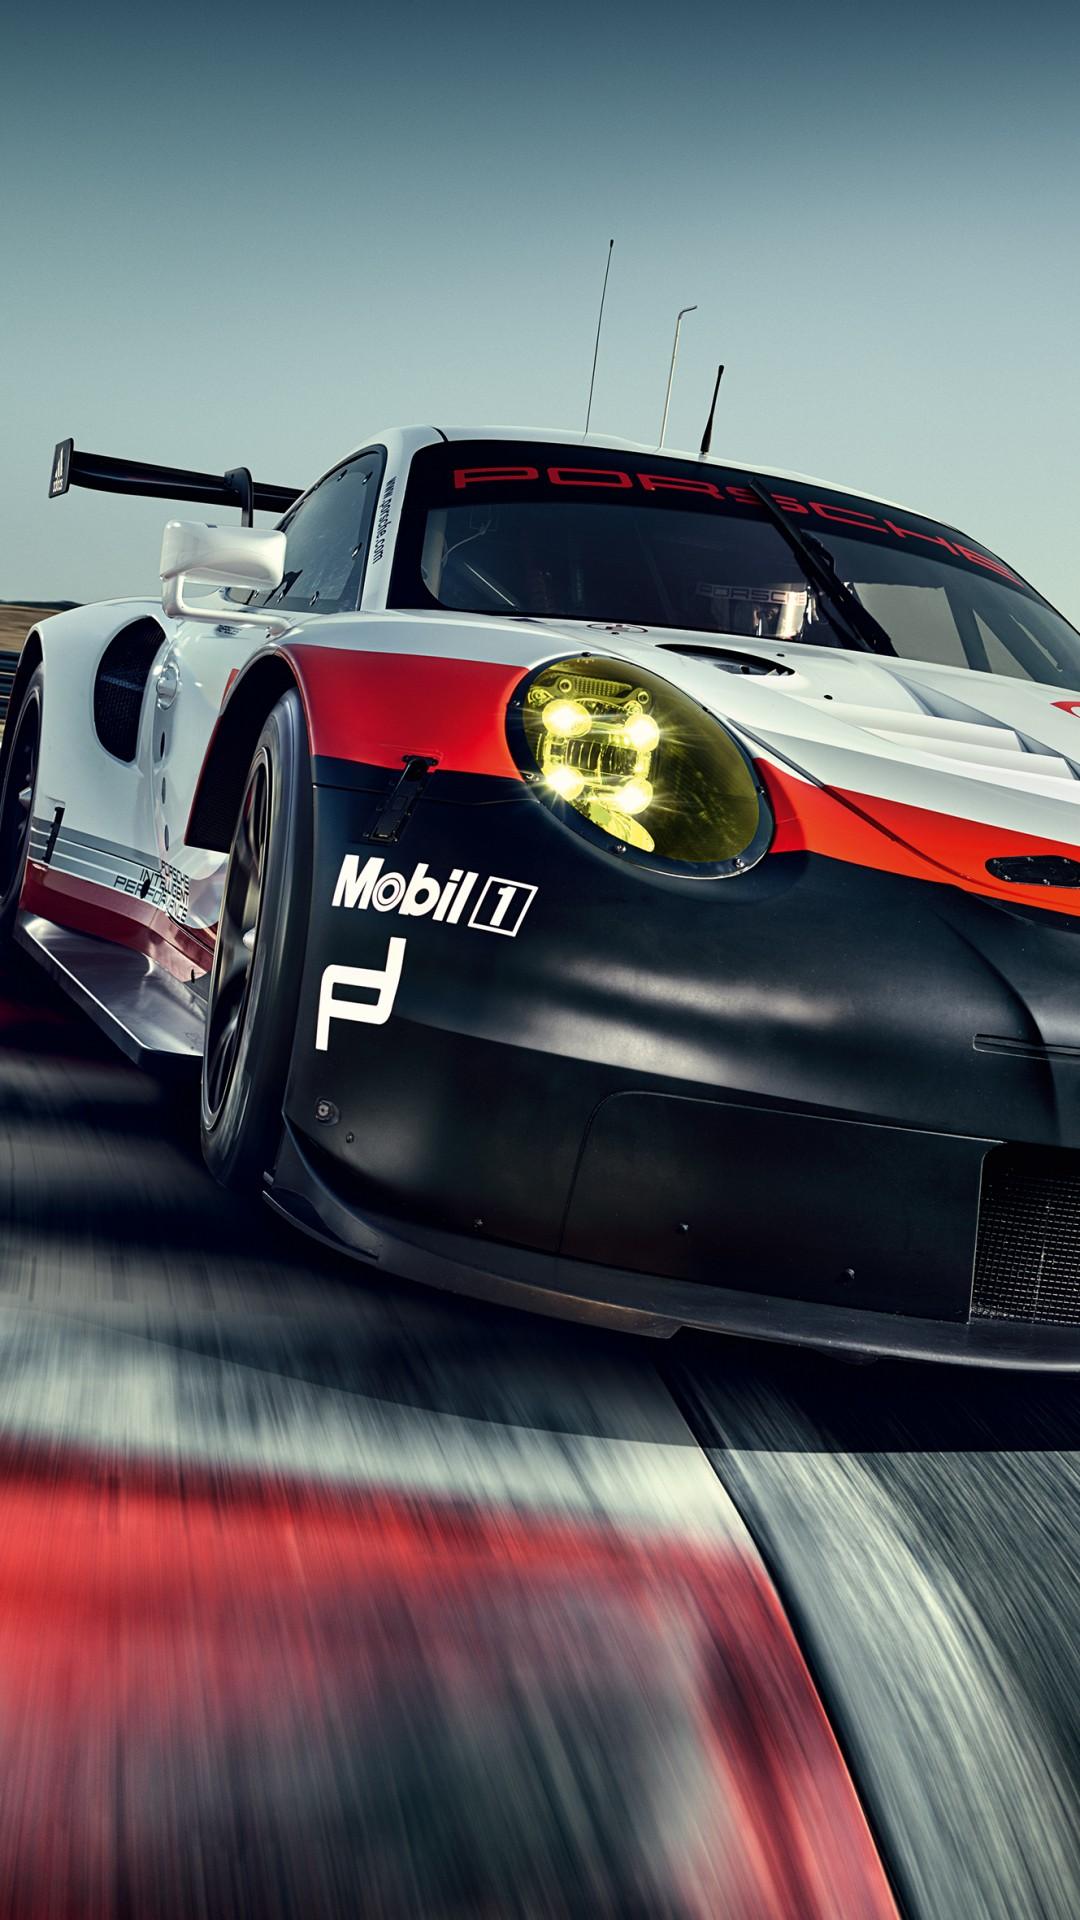 Rent A Porsche >> Wallpaper Porsche 911 RSR, sport car, racing, Cars & Bikes ...